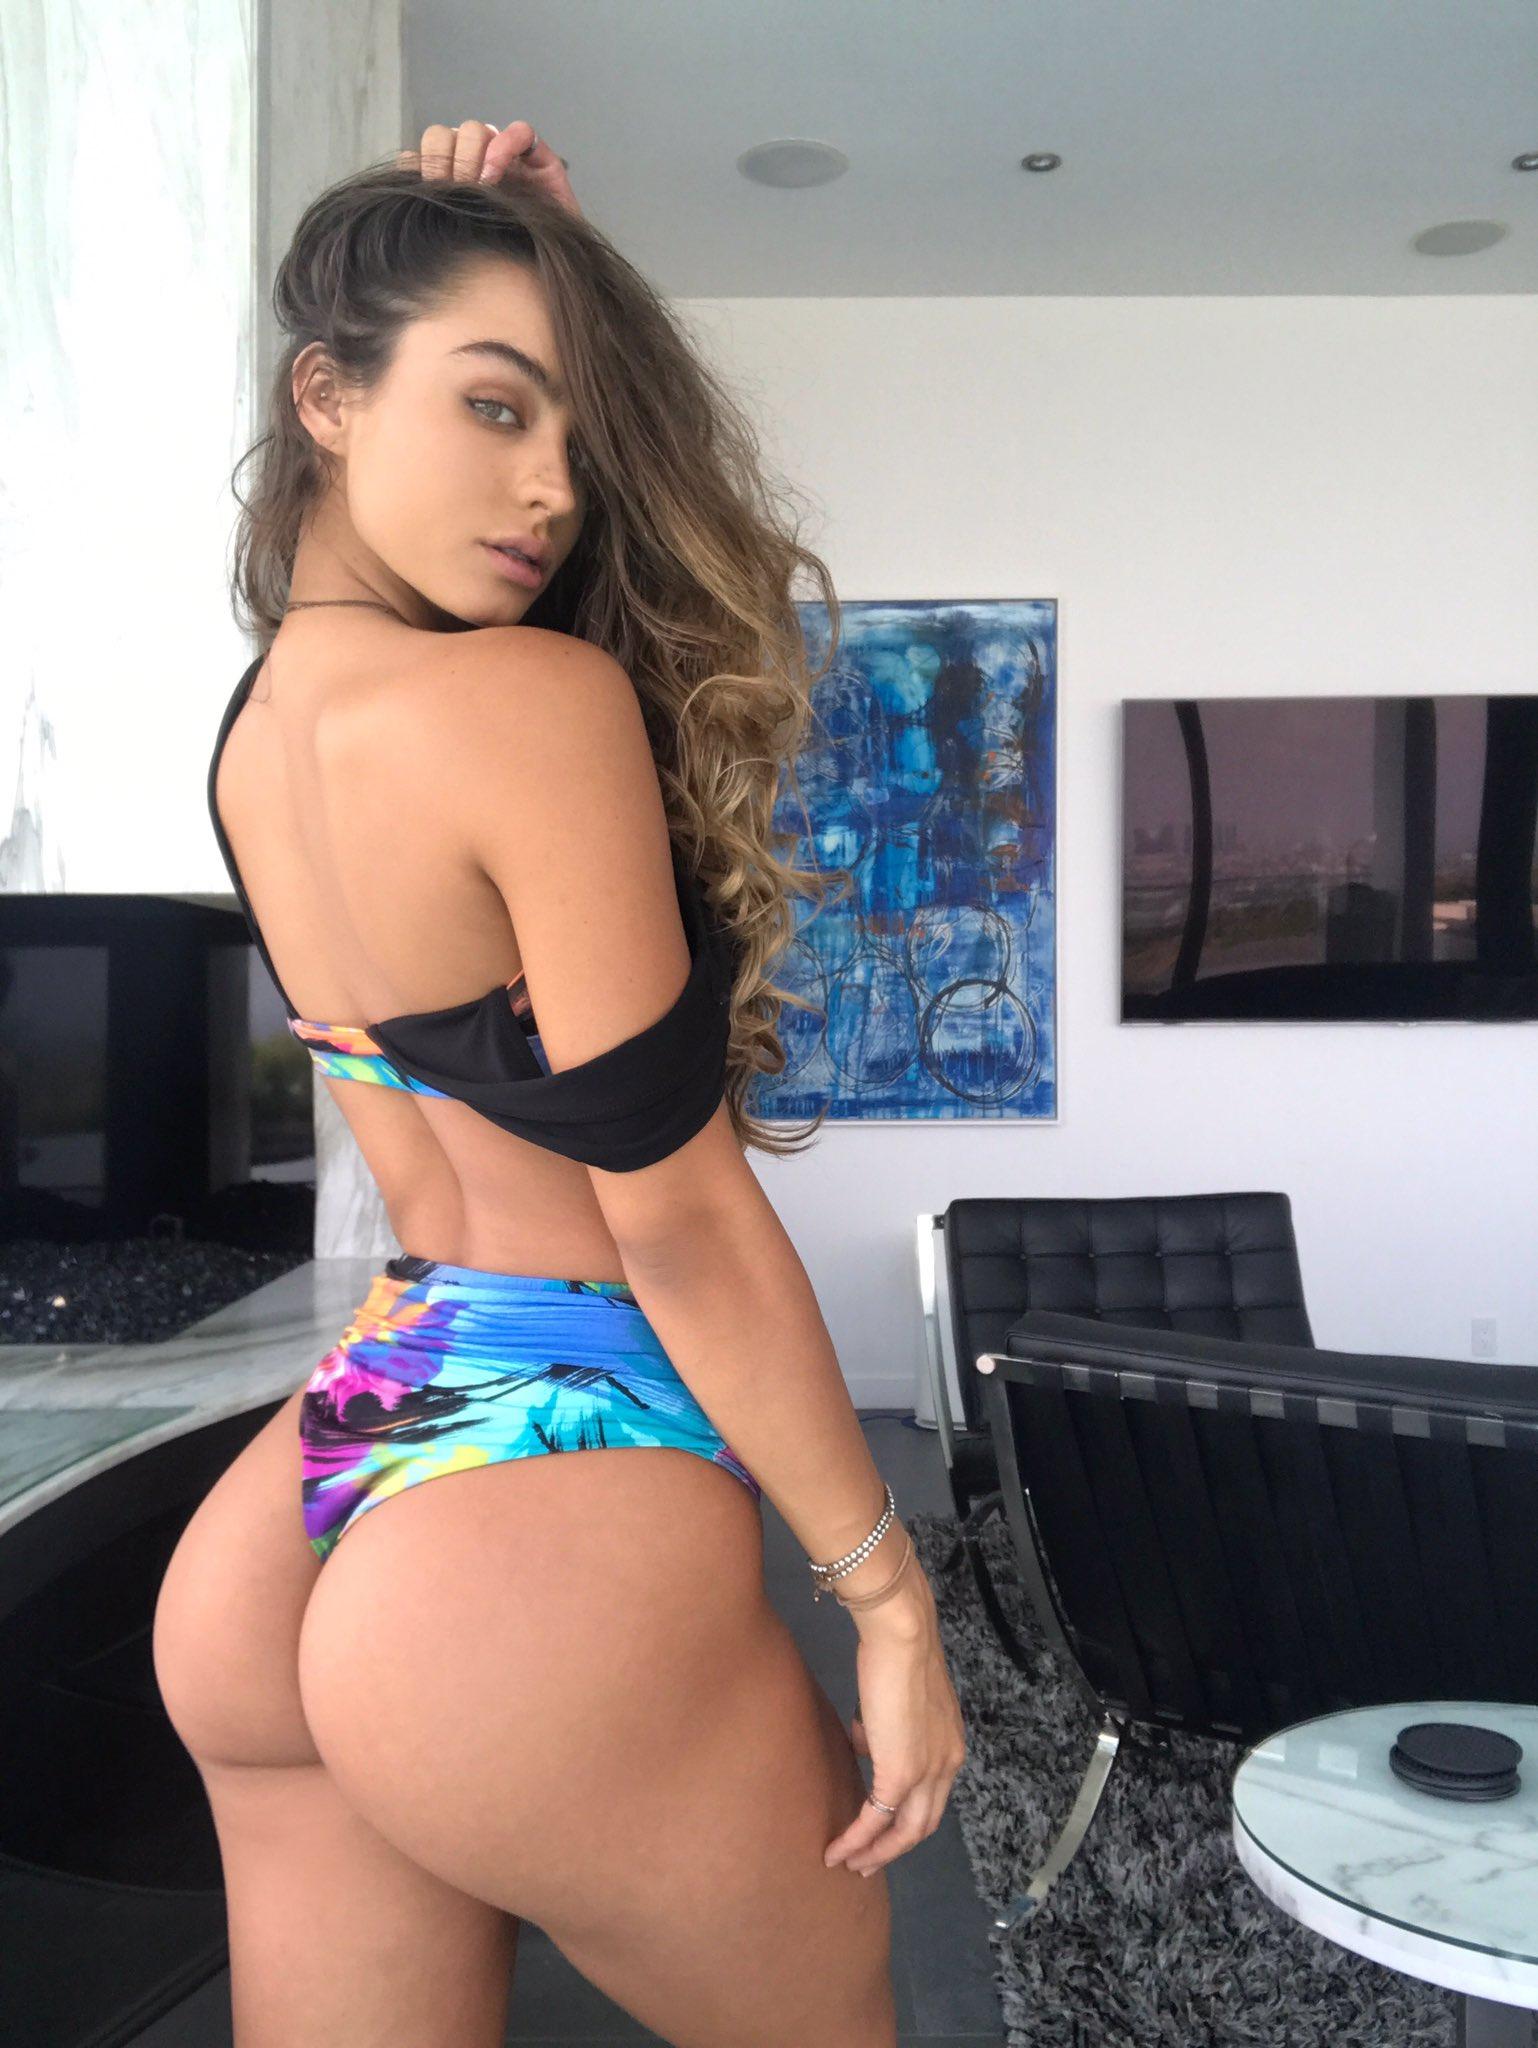 Austalian girl fuck by nude man